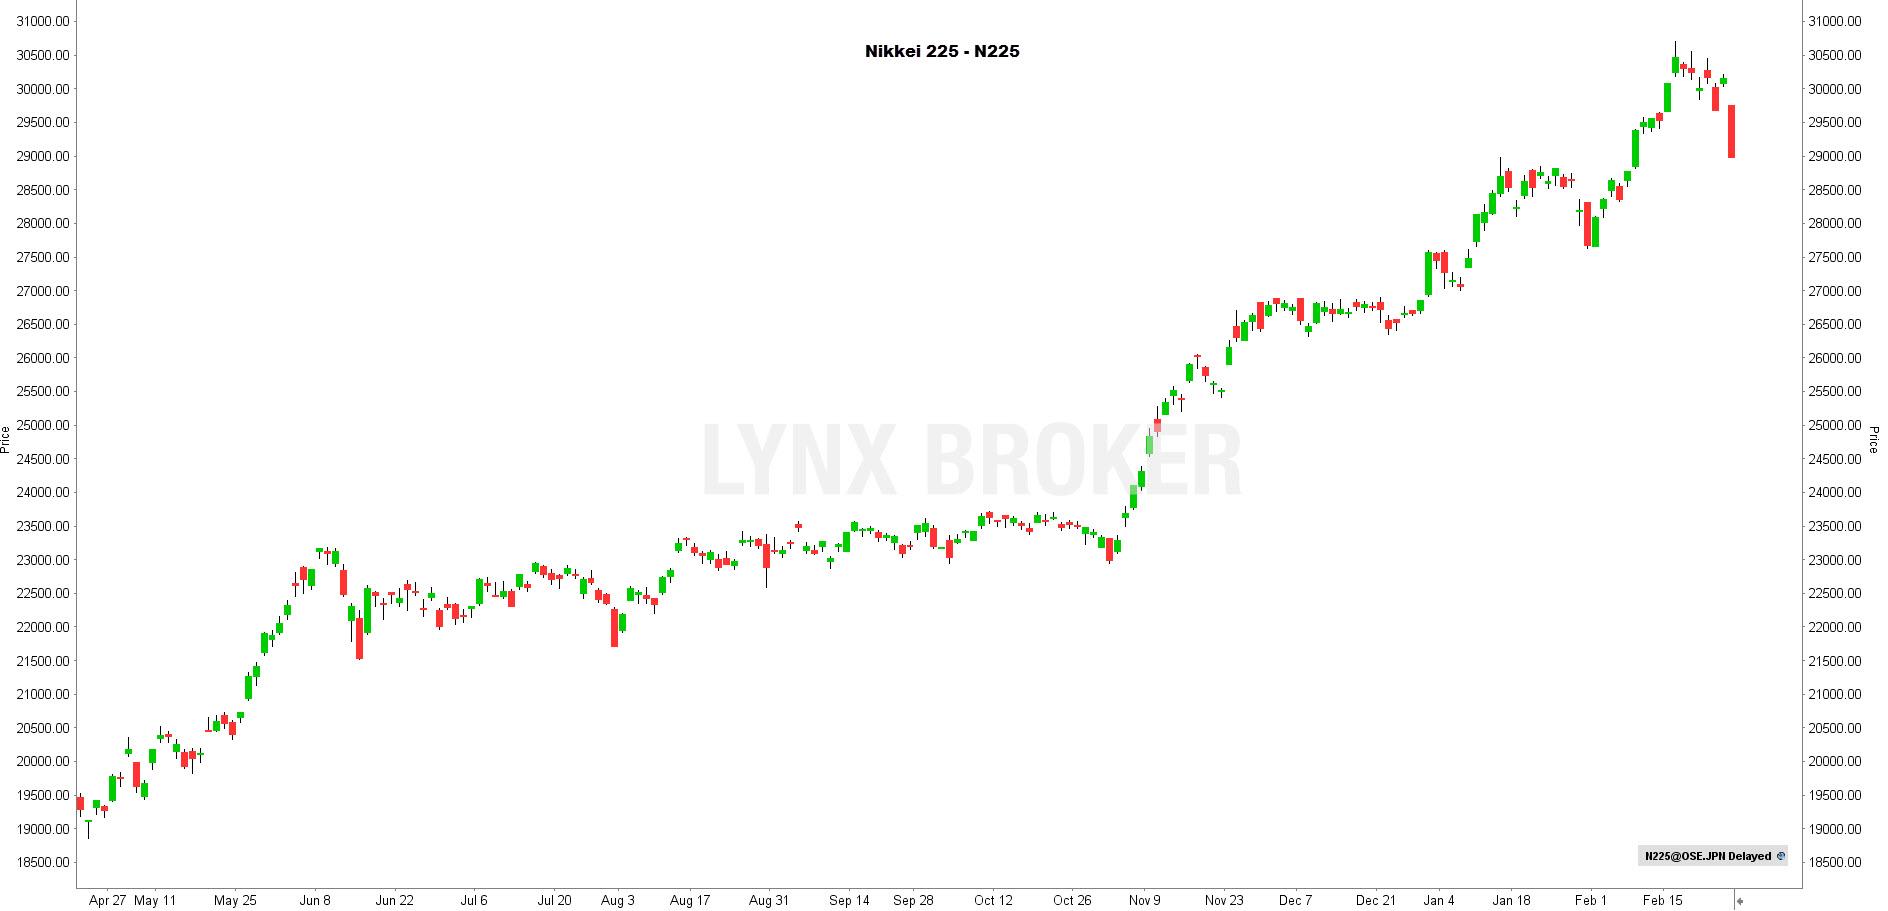 la chronique lynx broker 260221 - graphique Nikkei